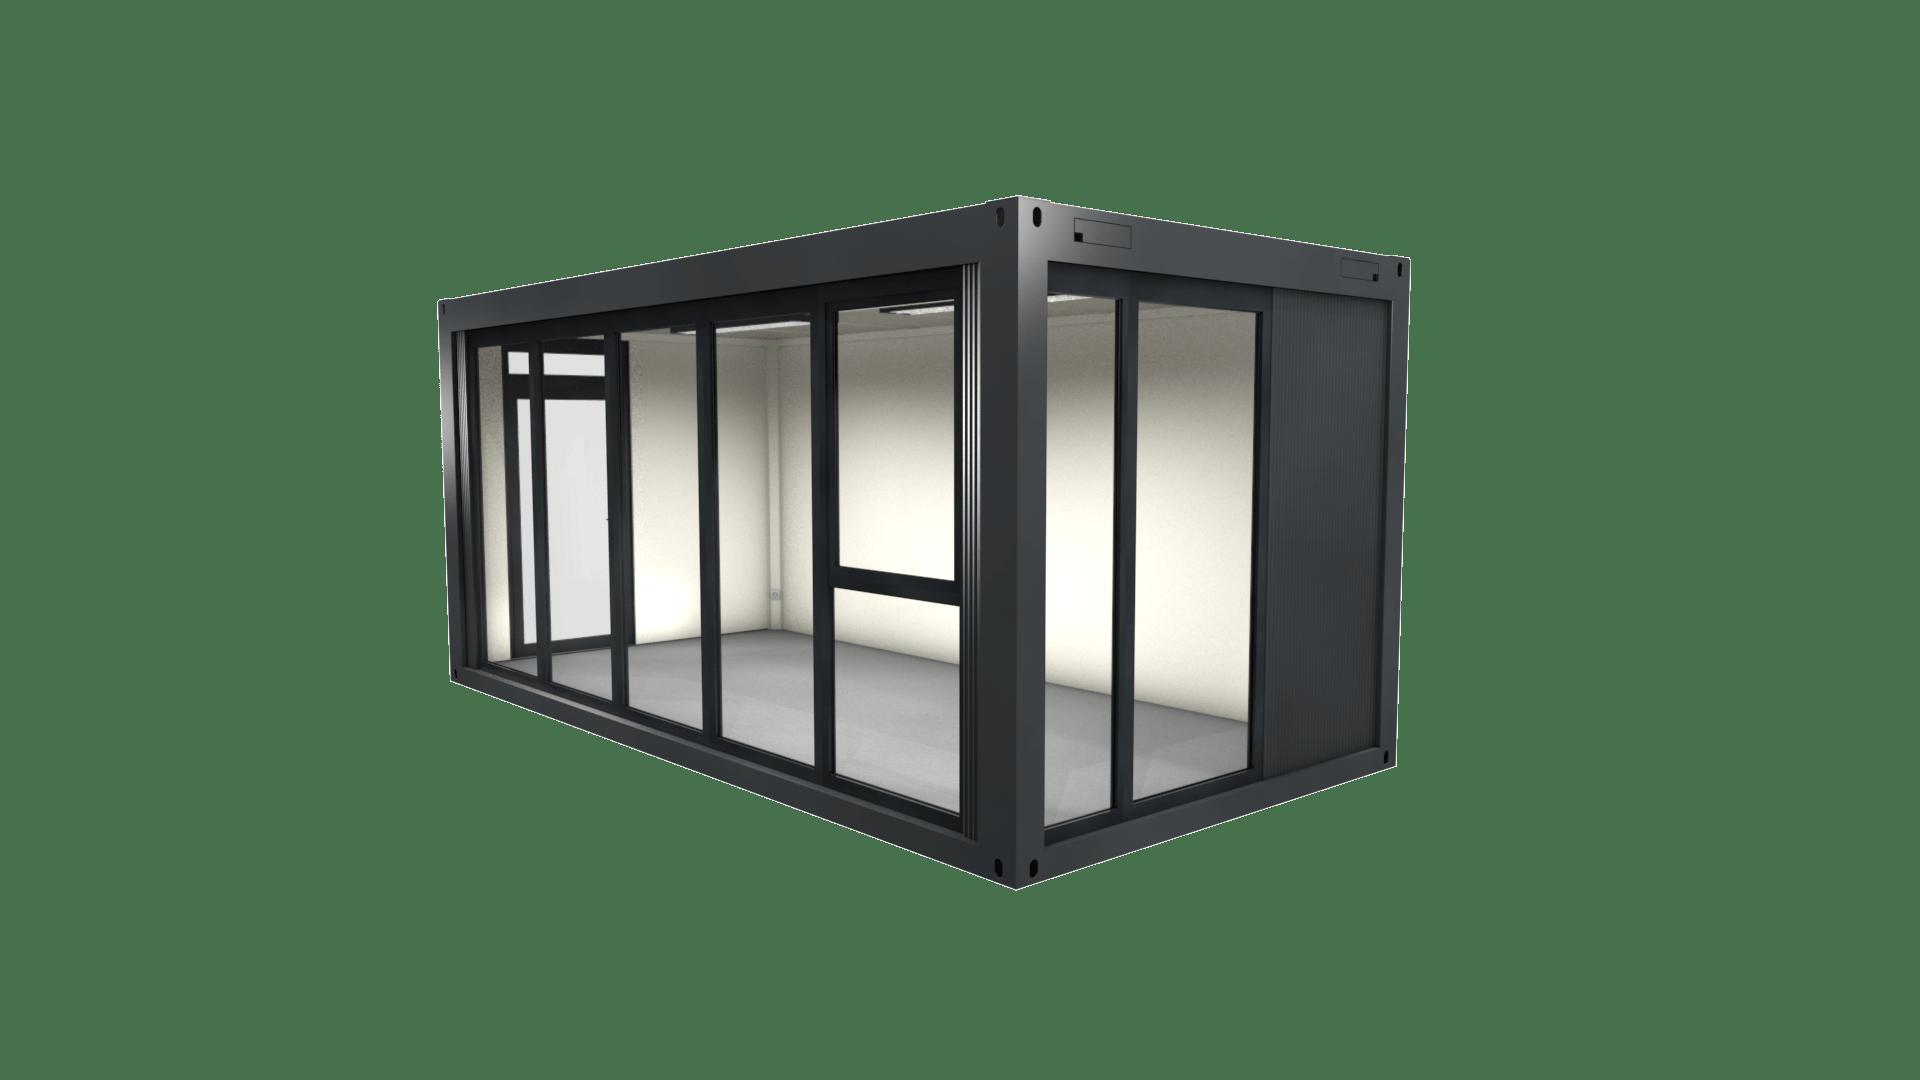 Container Modul 20 ist fünfteilig verglast mit Kippfenster